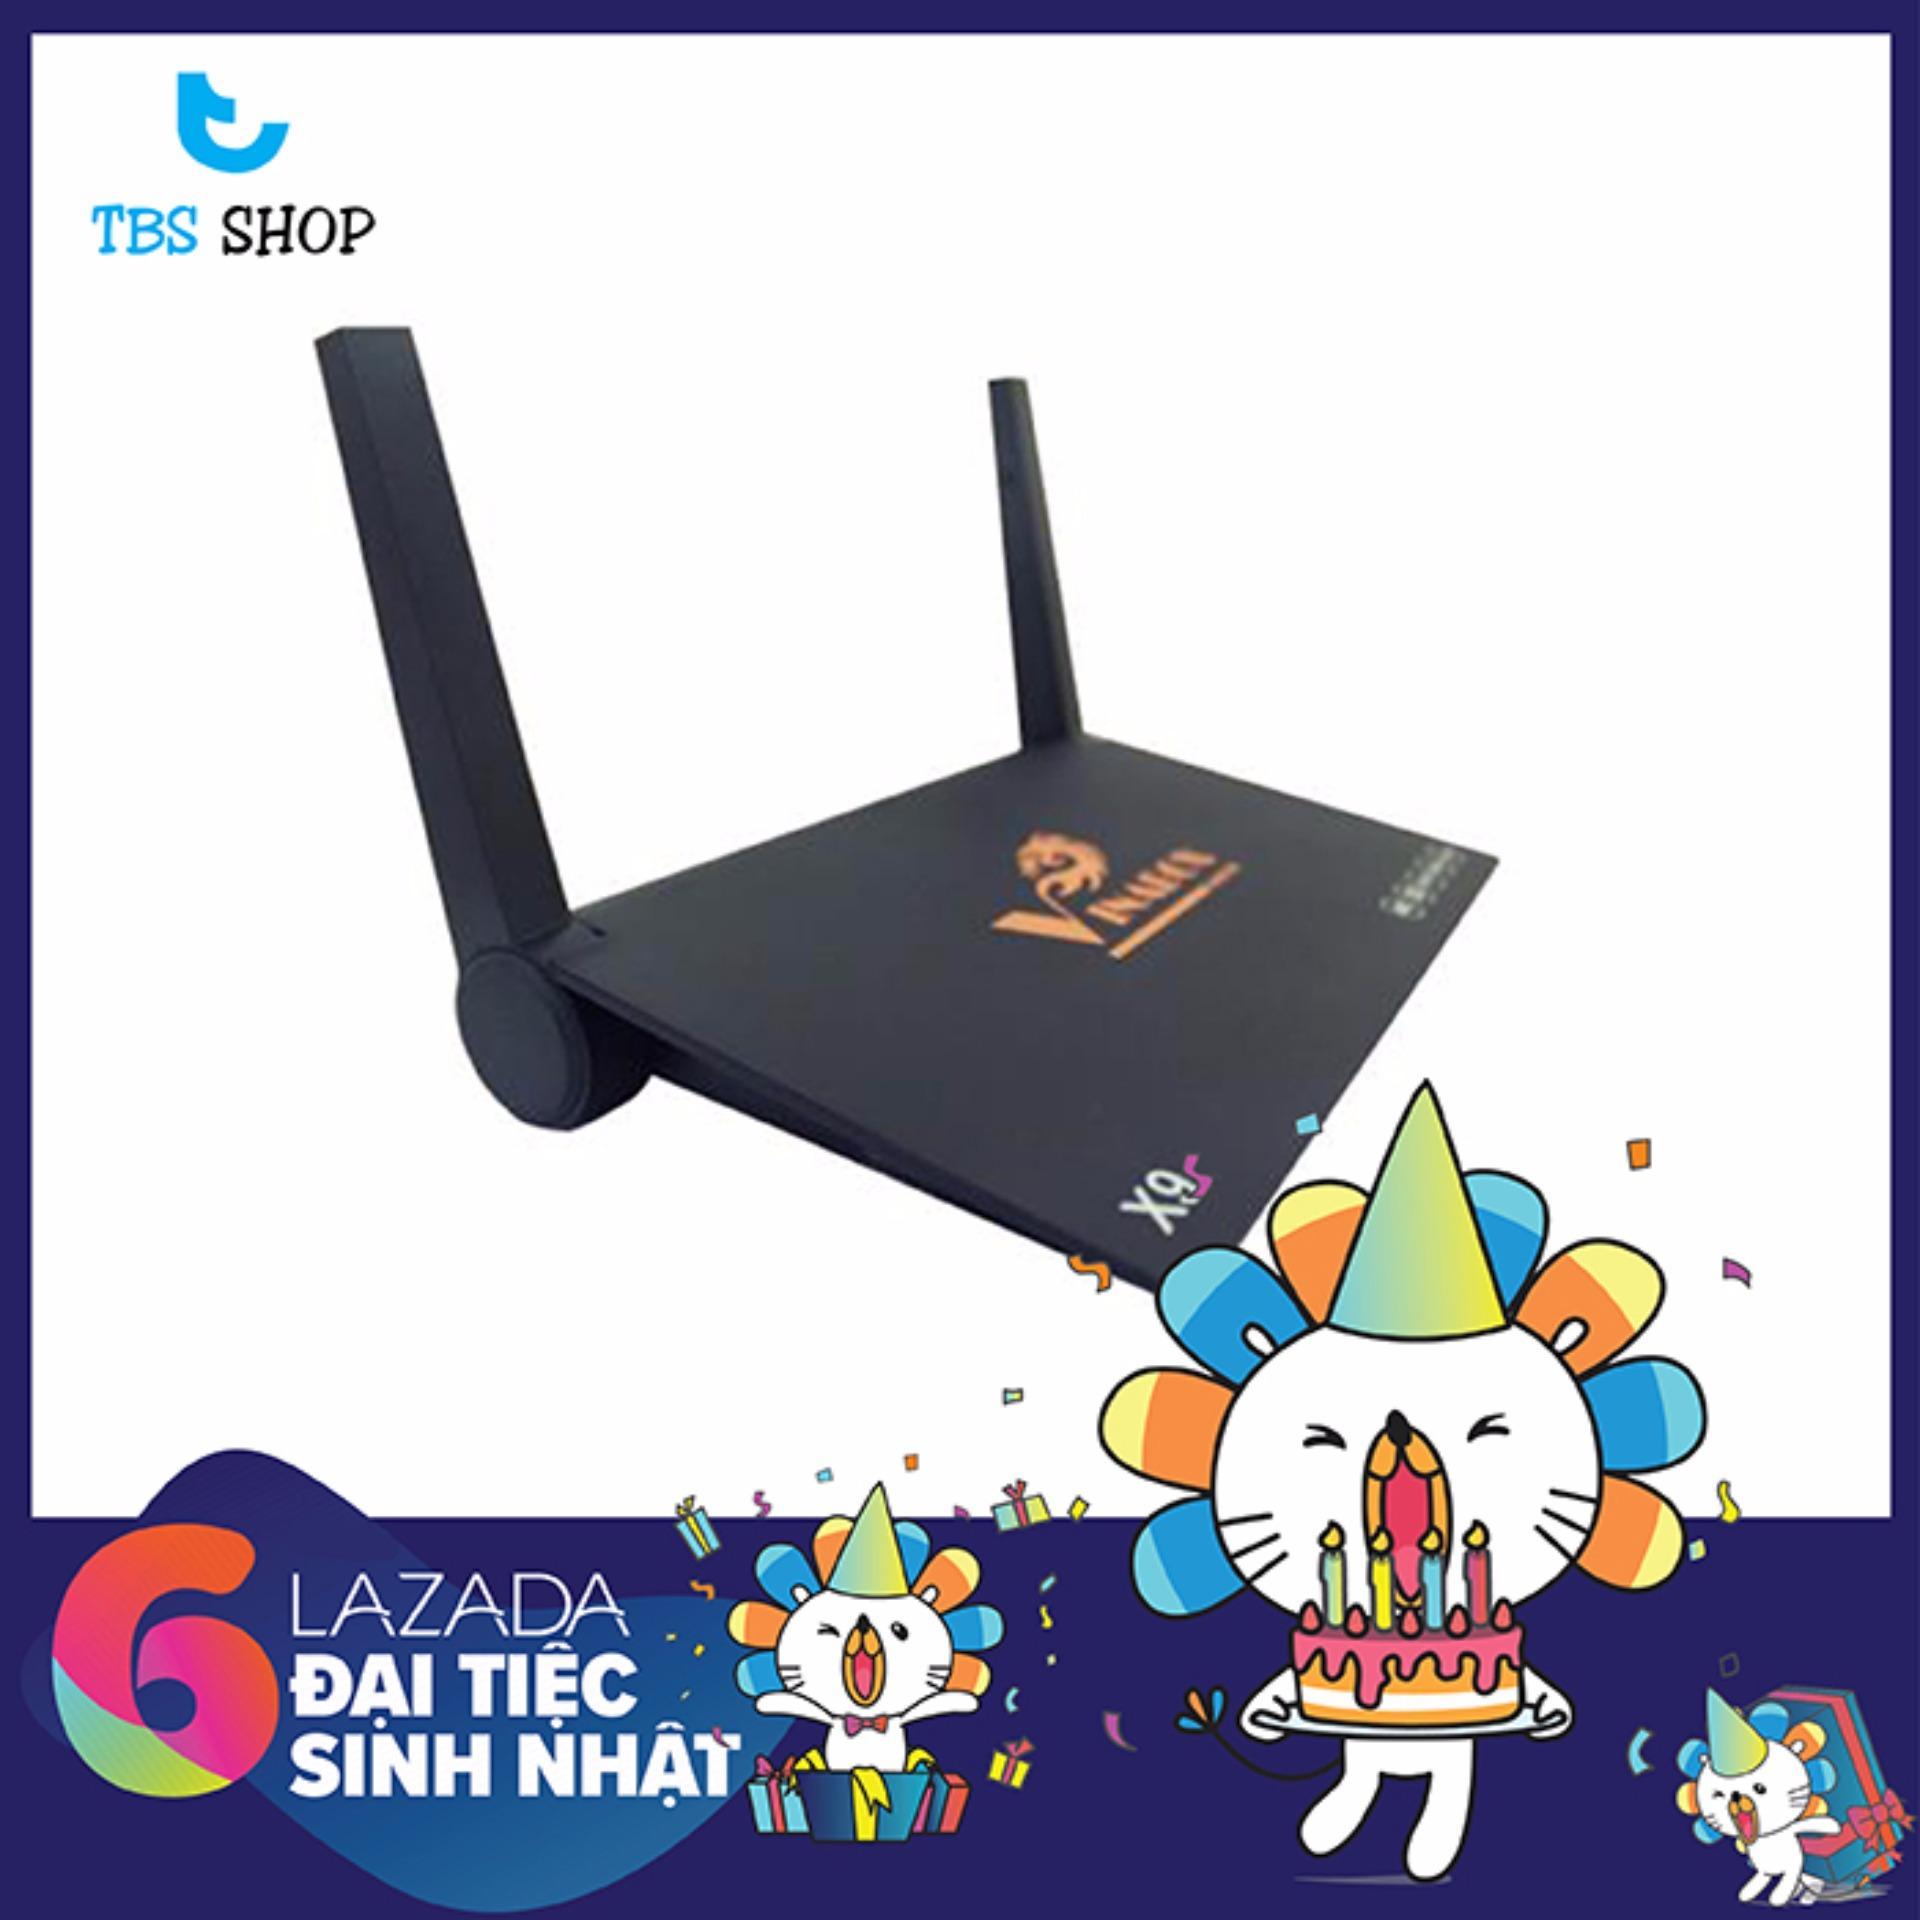 Android TV box Vinabox X9 Ram 2g Rom 8G